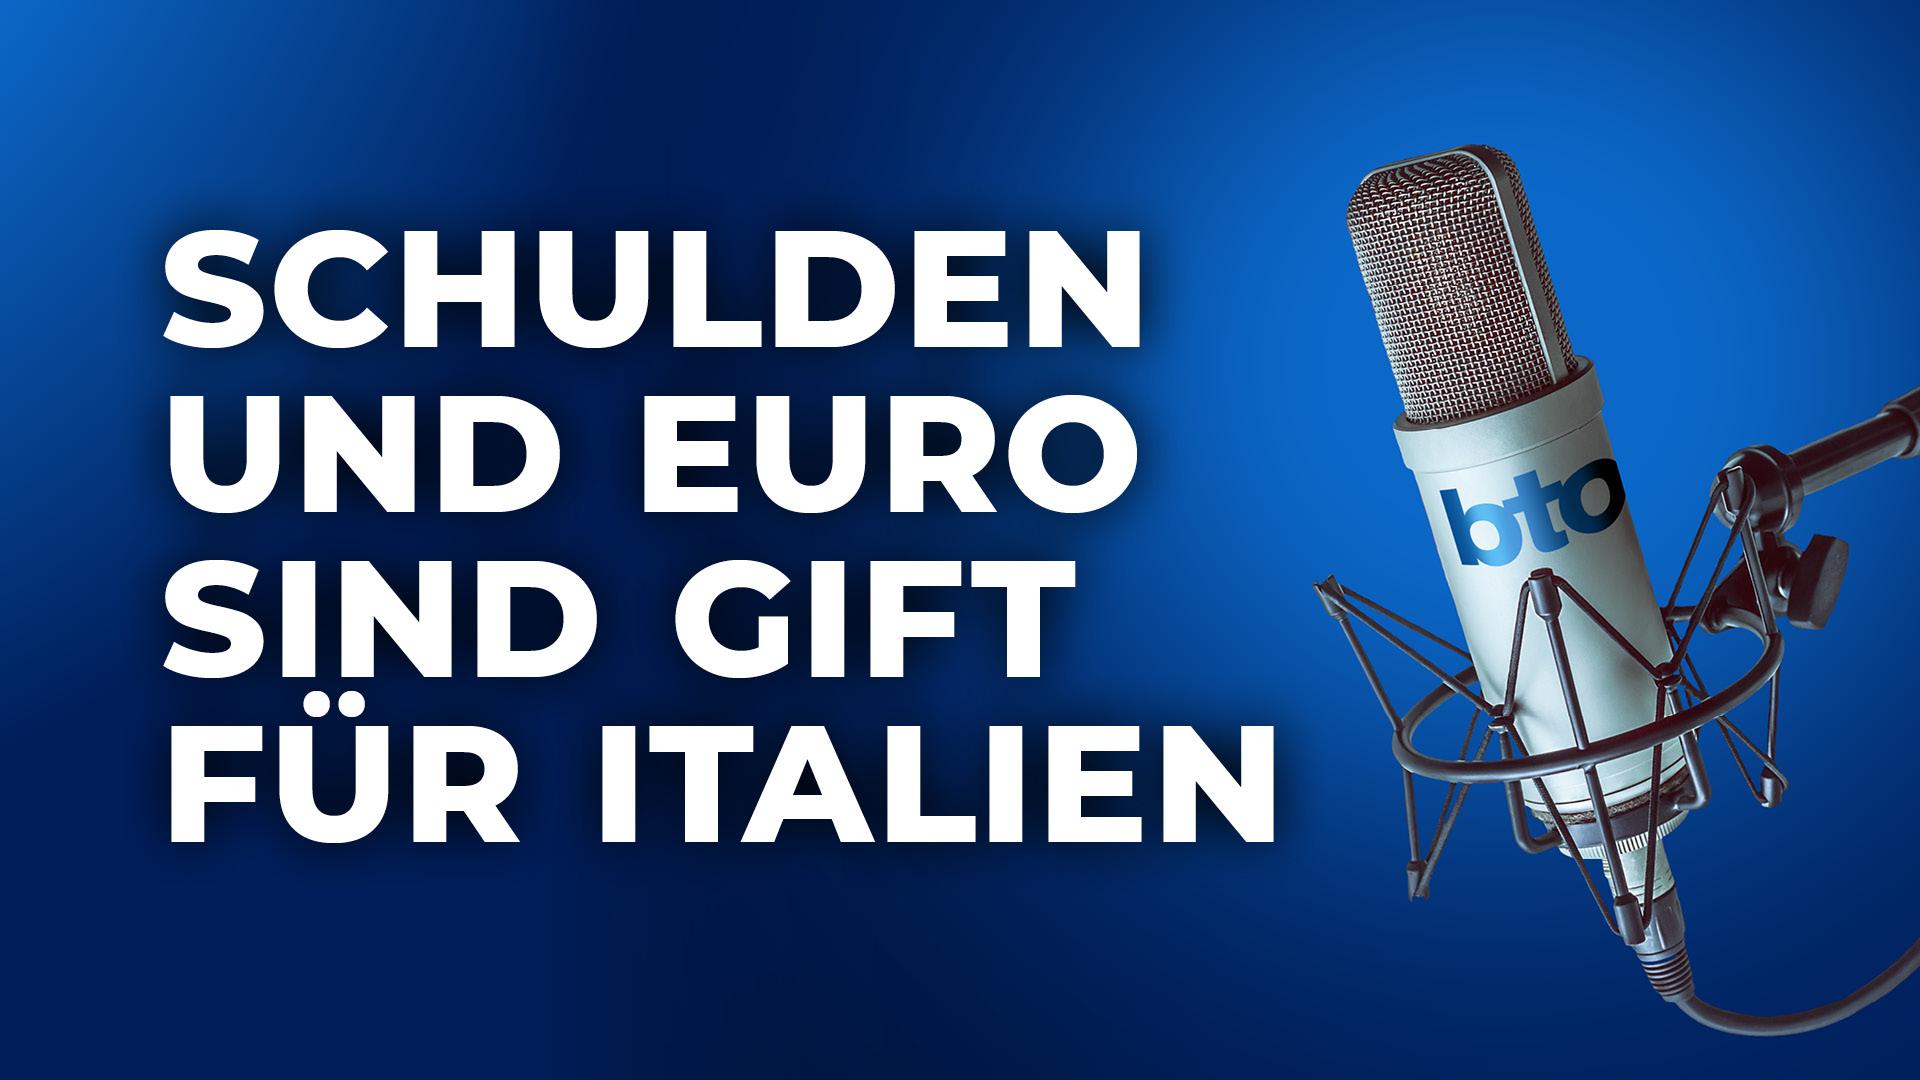 Schulden und Euro sind Gift für Italien